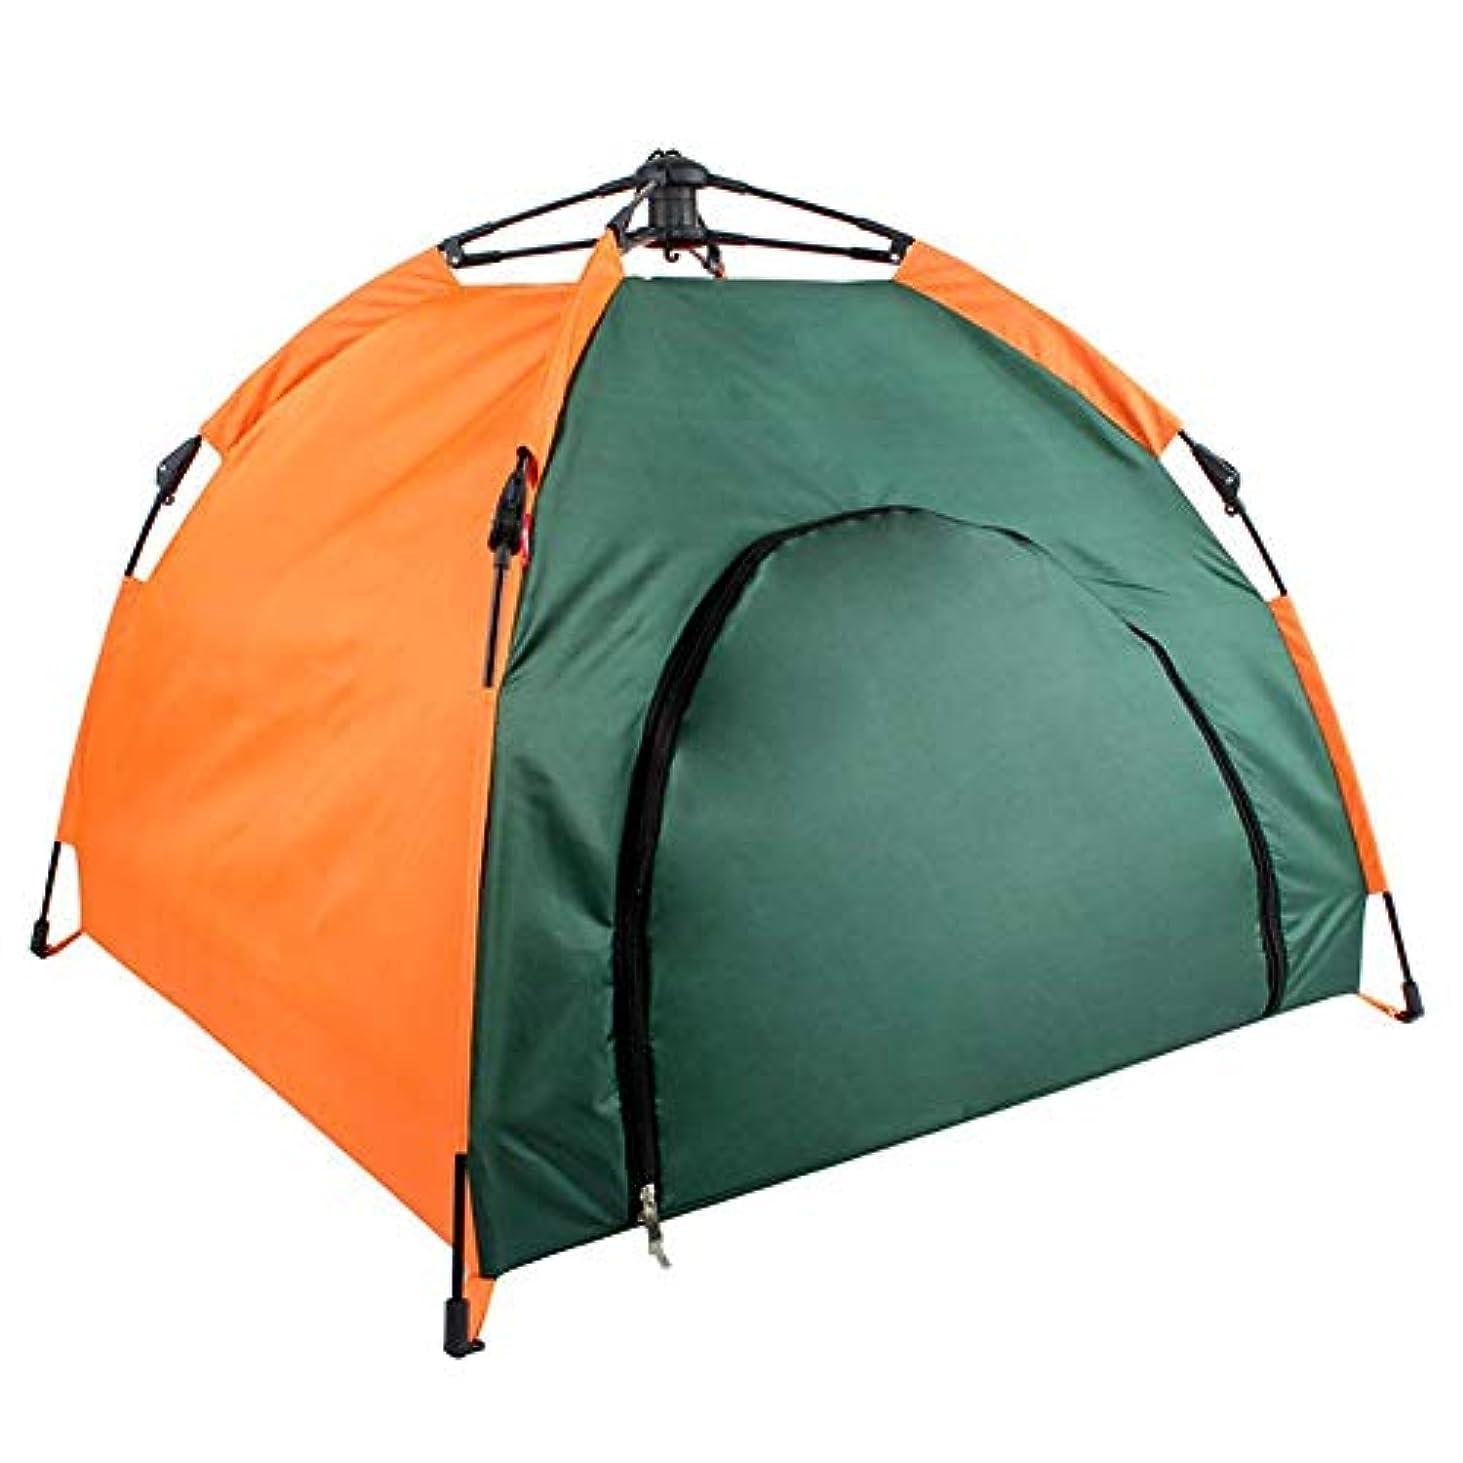 収束する規模窓Coinar ペット用テント 猫犬用小屋 折り畳み式 組み立て簡単 防水 防風 日よけ 軽量 室内 屋外 アウトドア キャンプに大活躍 クッション 付き 収納ポーチ付き